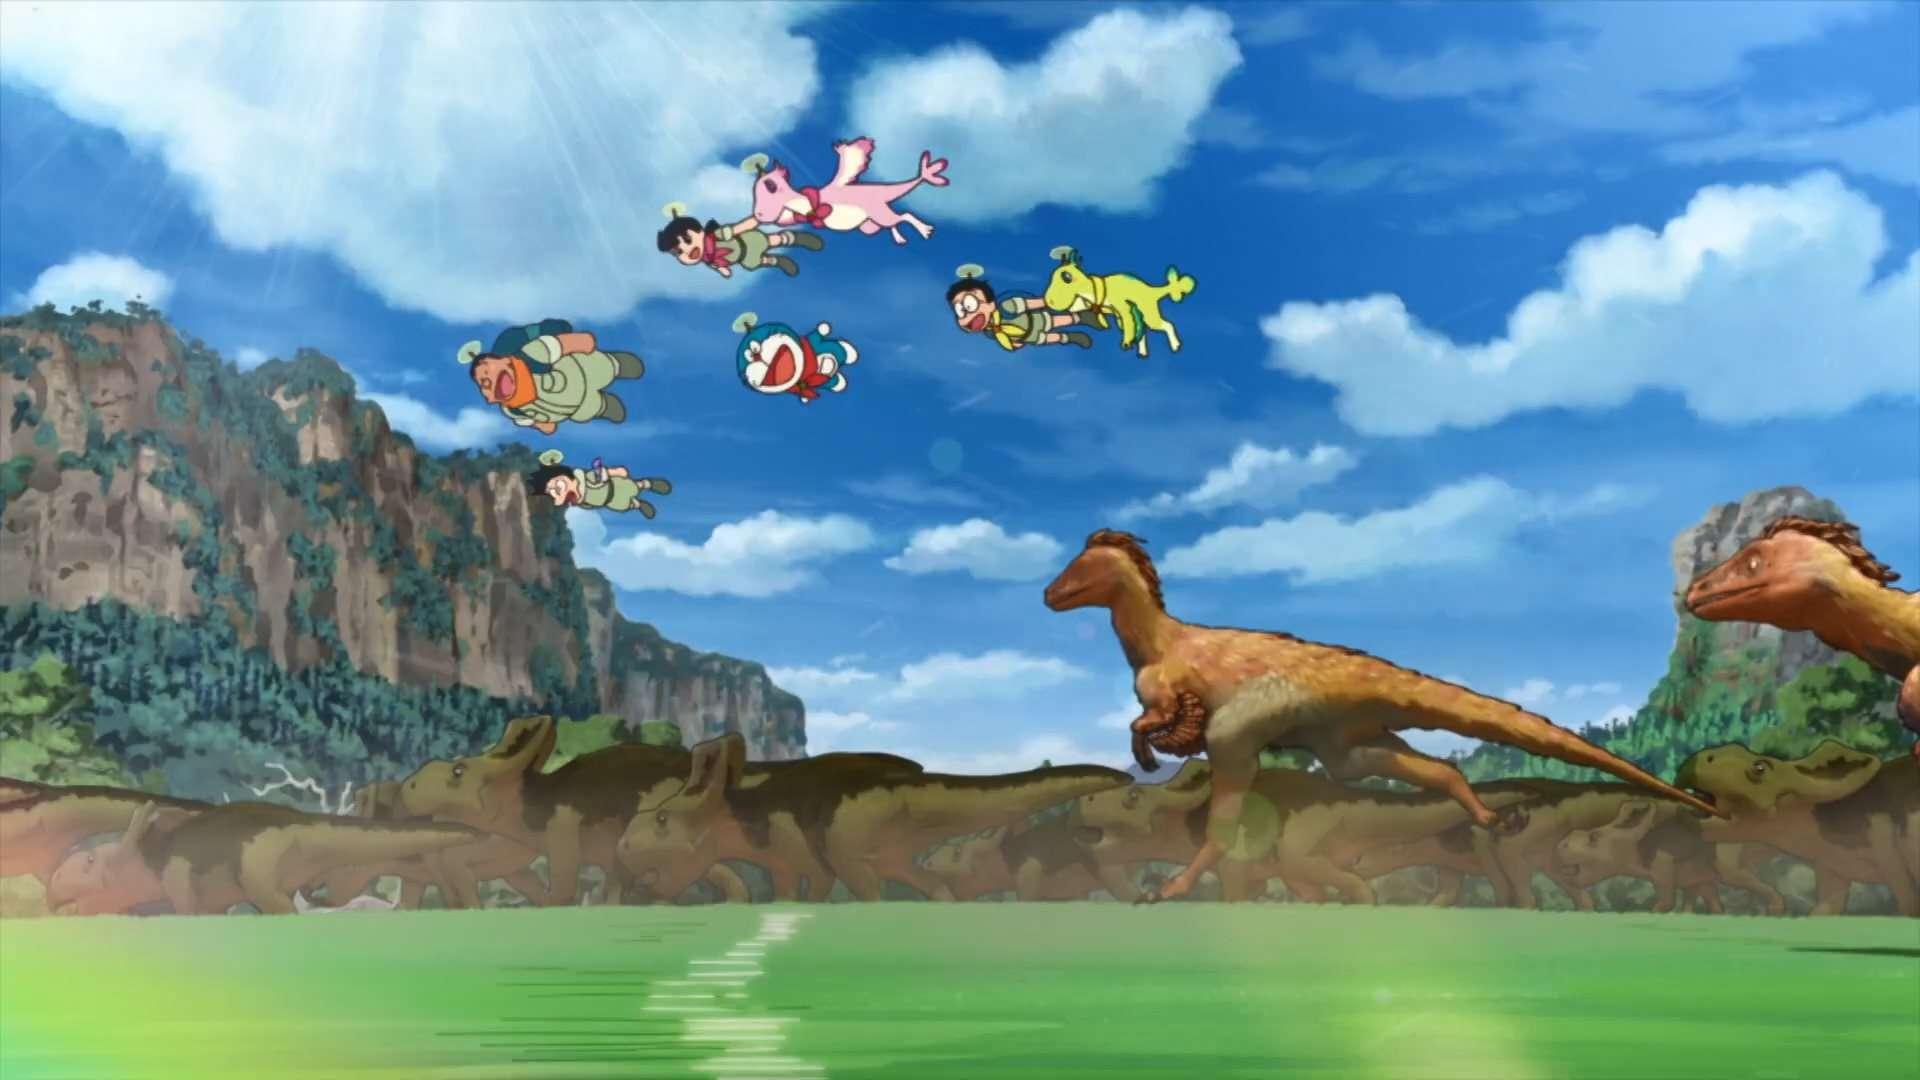 【资讯】50周年纪念作品多啦A梦:大雄的新恐龙受疫情影响宣布撤档